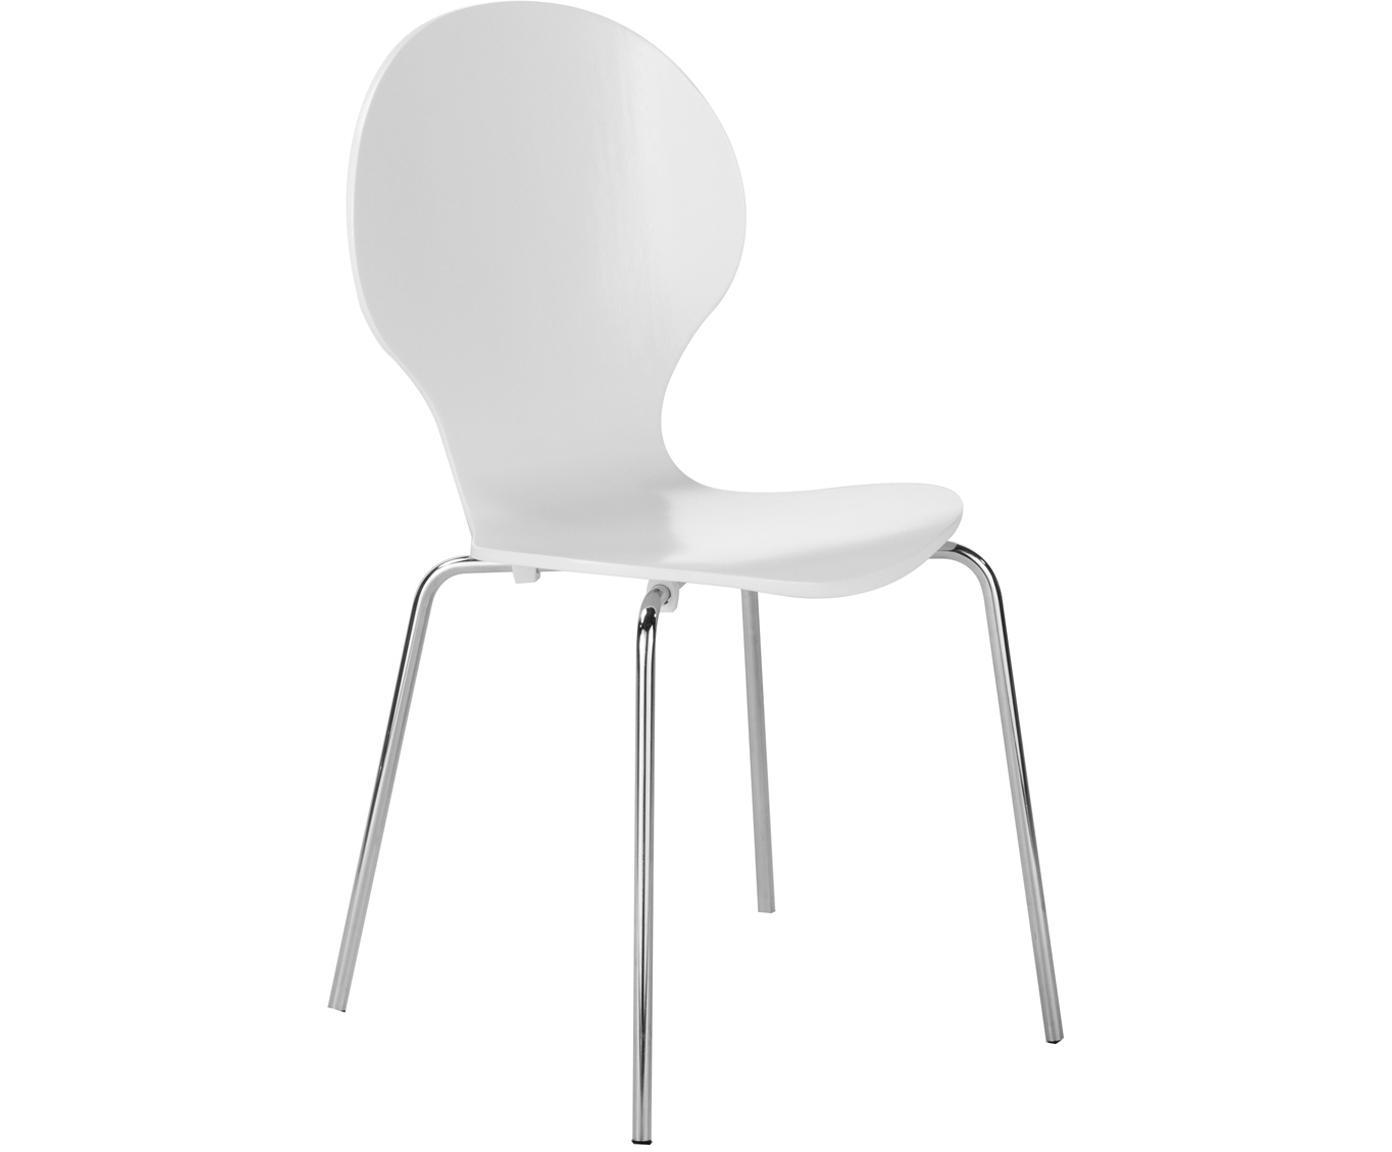 Sillas Marcus, 4 uds., Asiento: tablero de fibras de dens, Estructura: acero, cromado, Blanco, An 49 x Al 87 cm